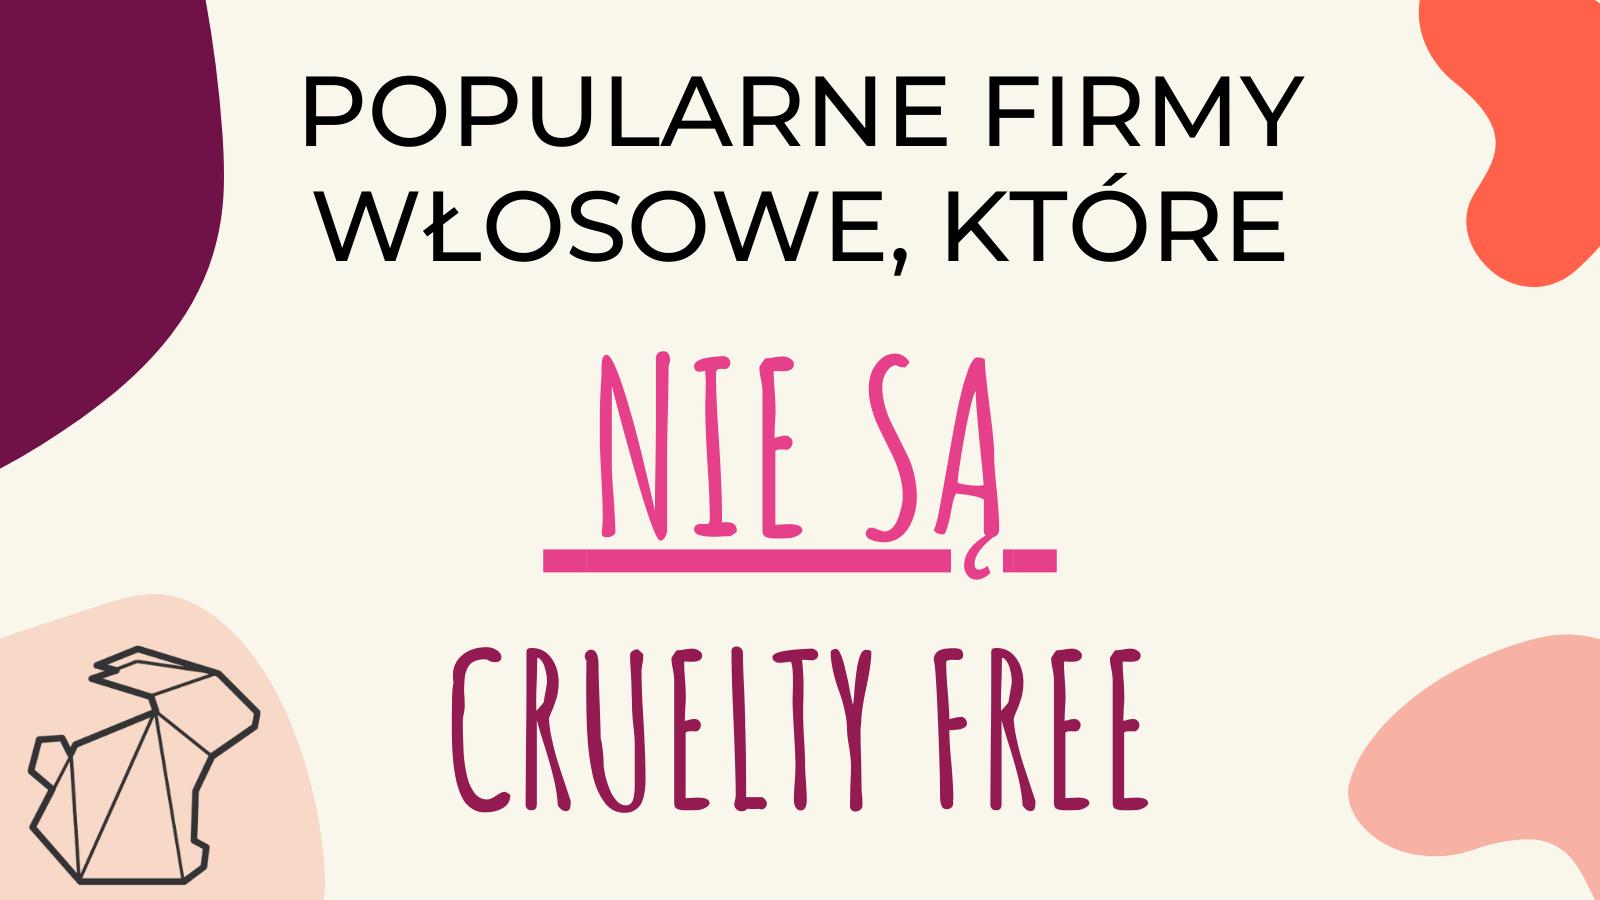 POPULARNE FIRMY WŁOSOWE, KTÓRE NIE SĄ CRUELTY FREE